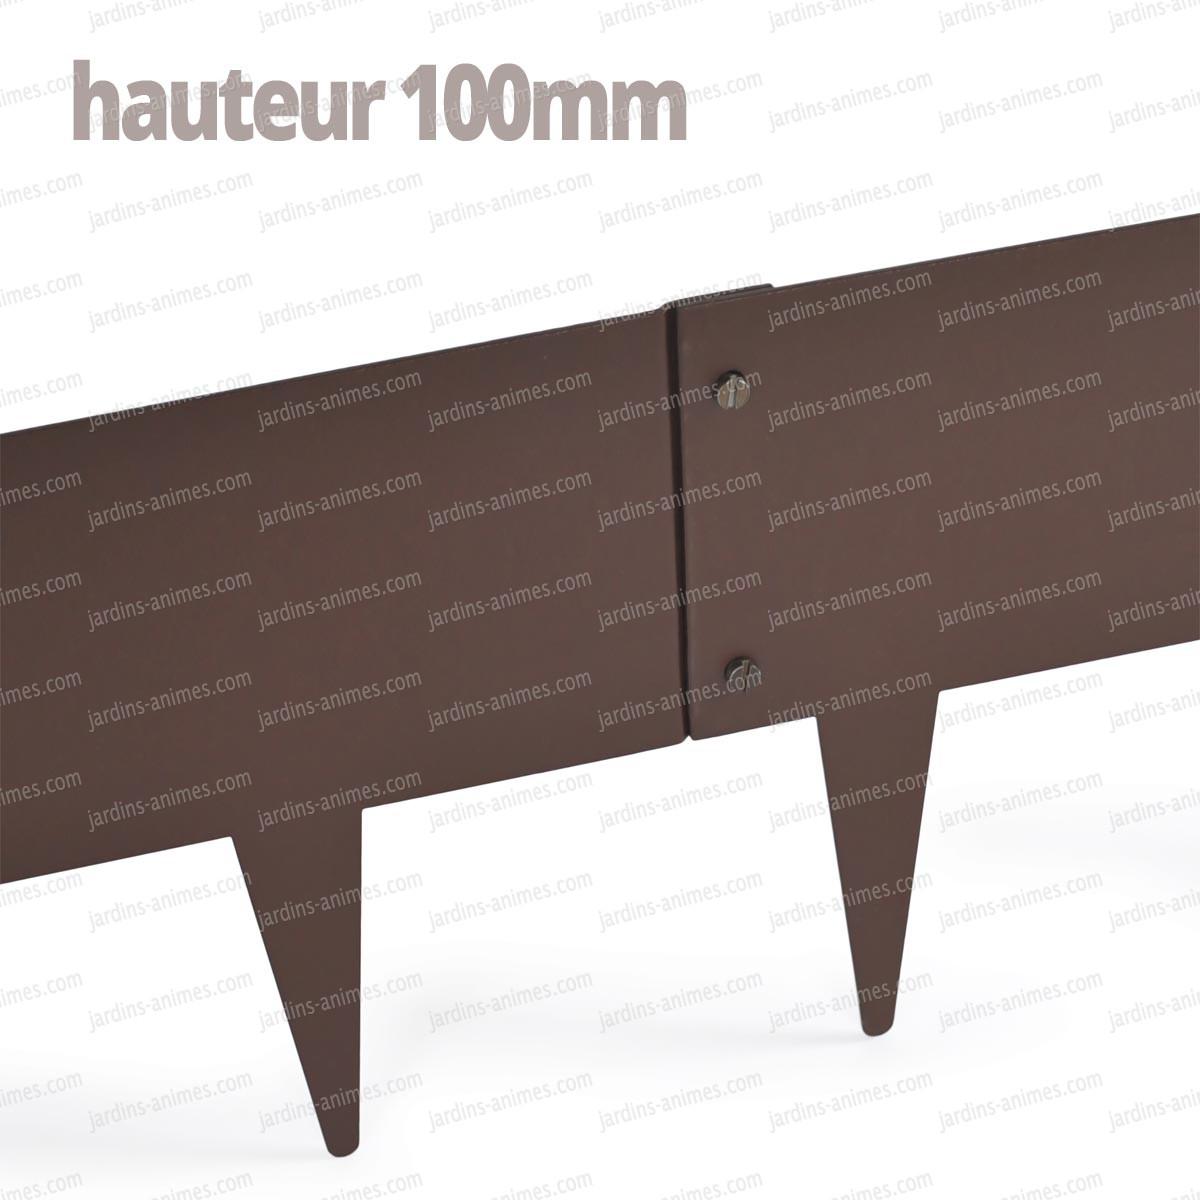 bordurette m tal acier 1m fran ais. Black Bedroom Furniture Sets. Home Design Ideas